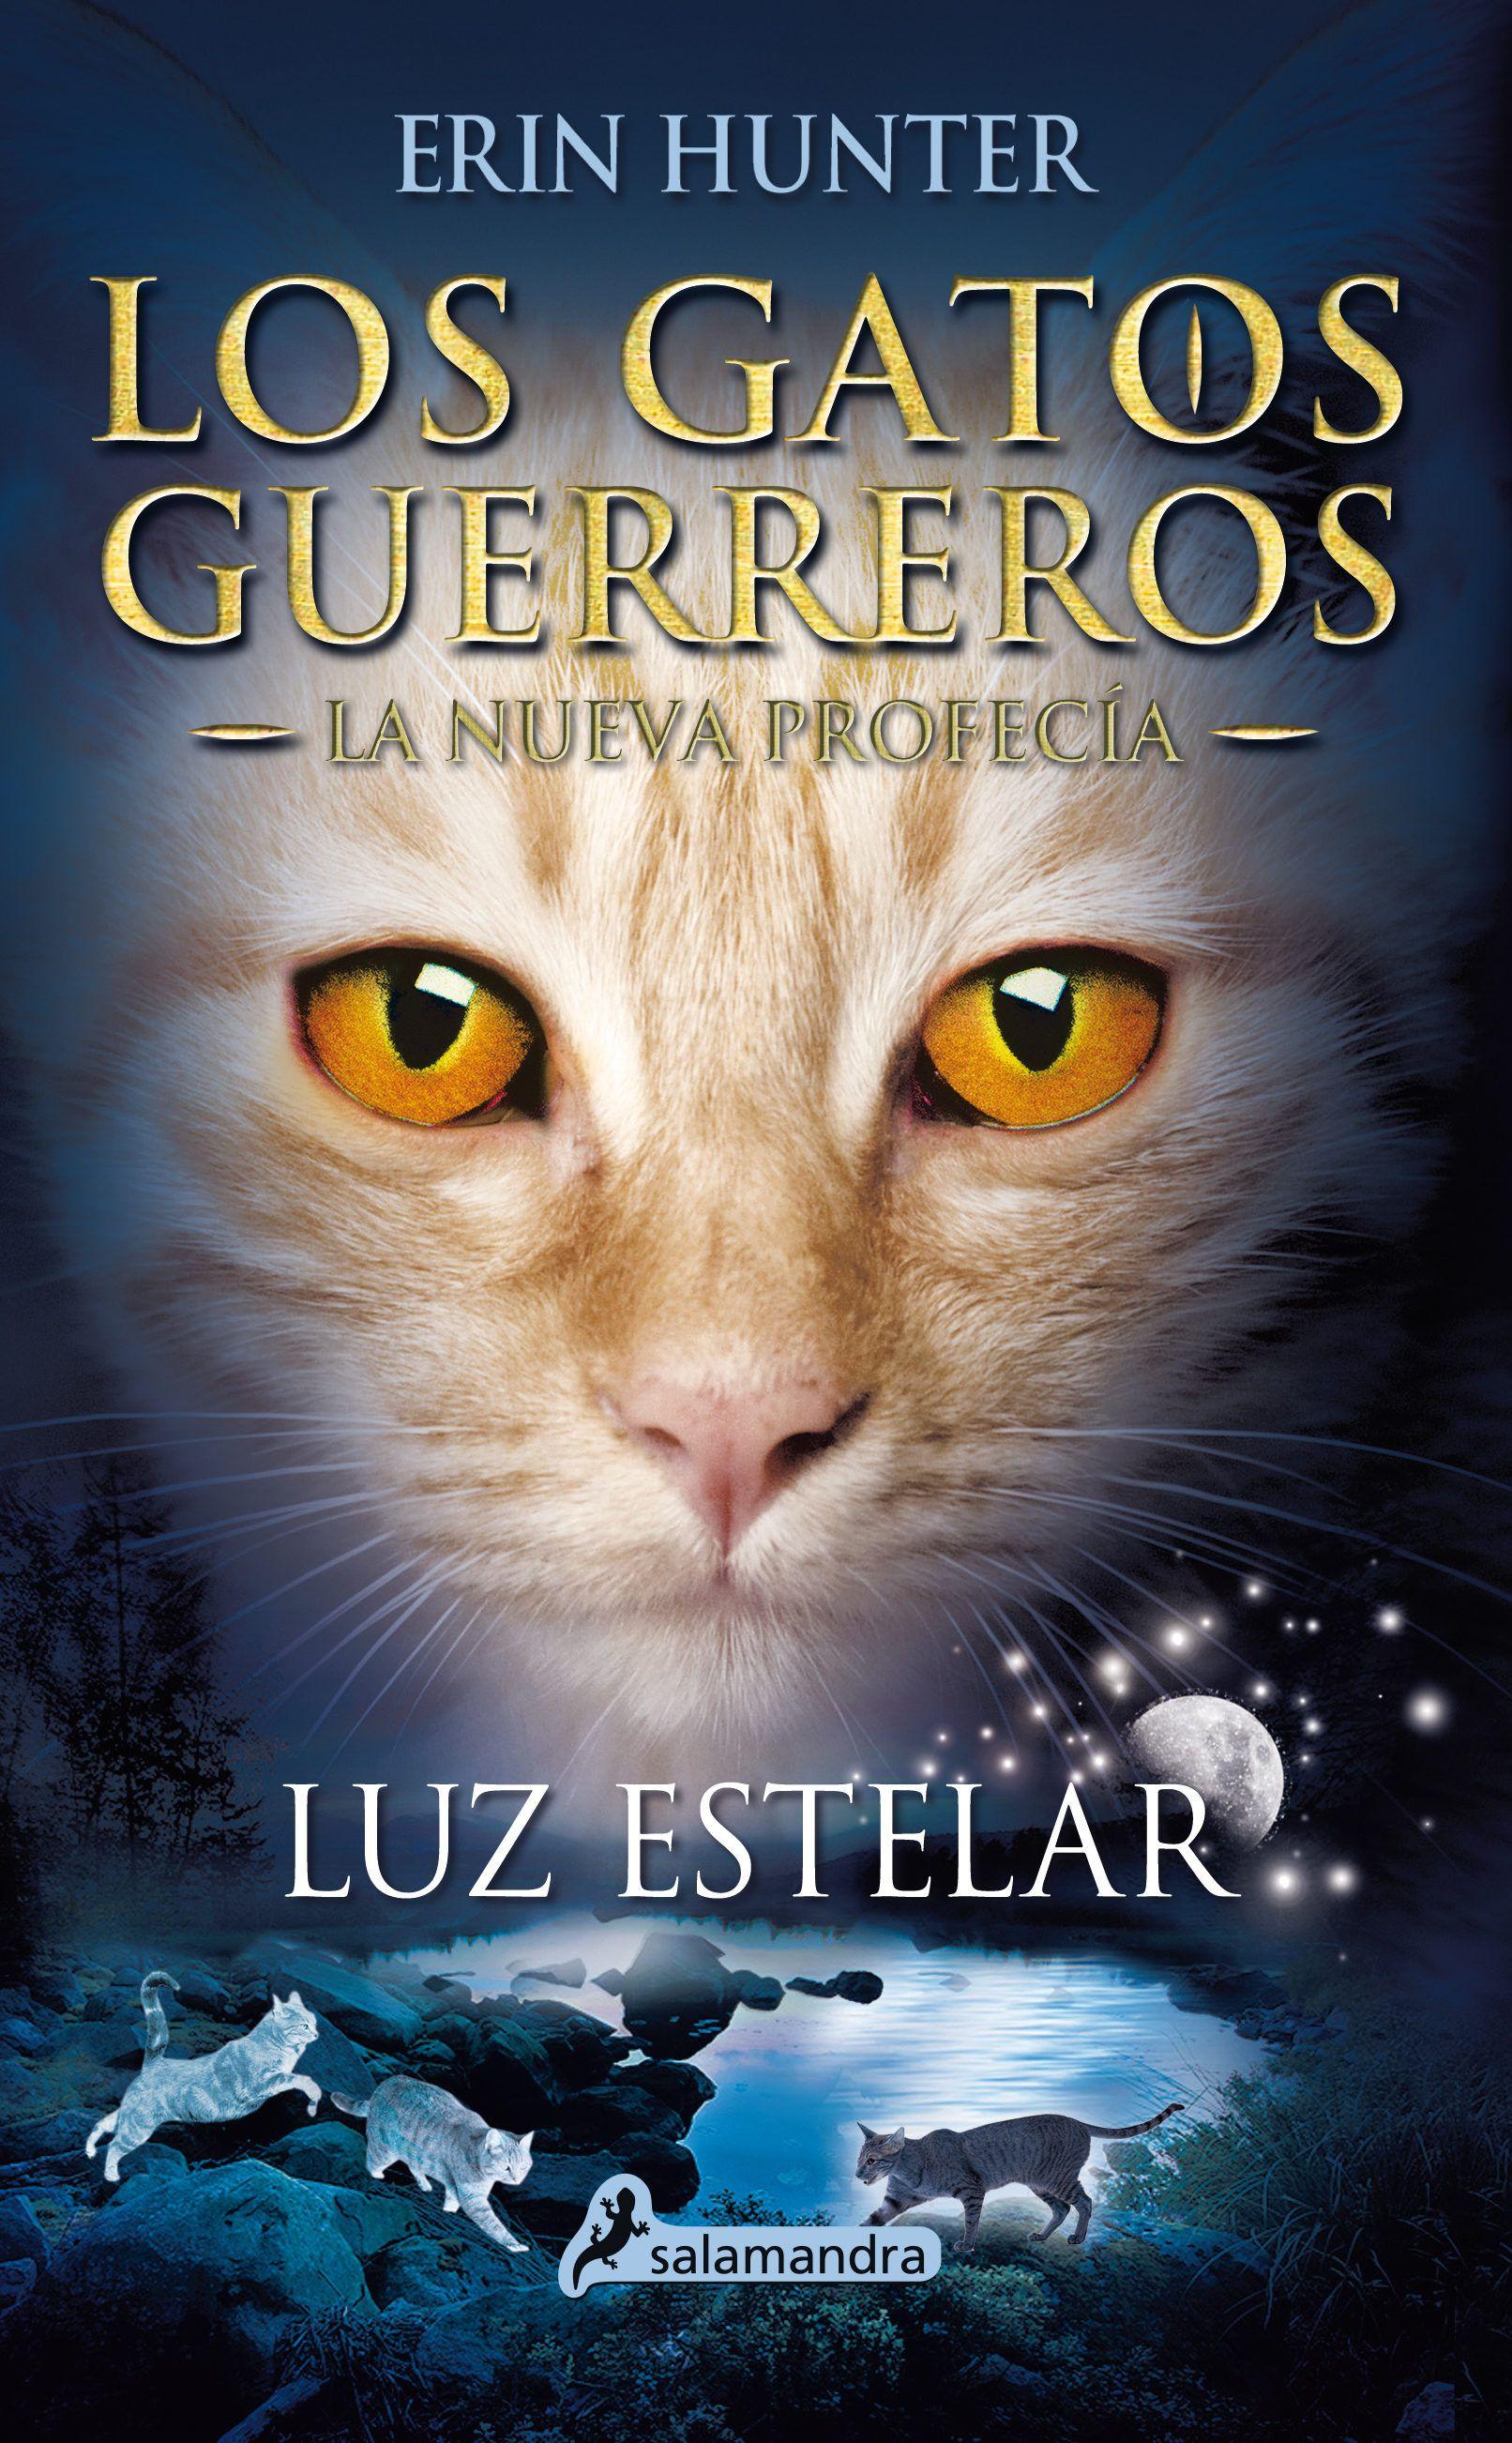 22 Ideas De Los Gatos Guerreros Los Gatos Guerreros Guerreros Gatos